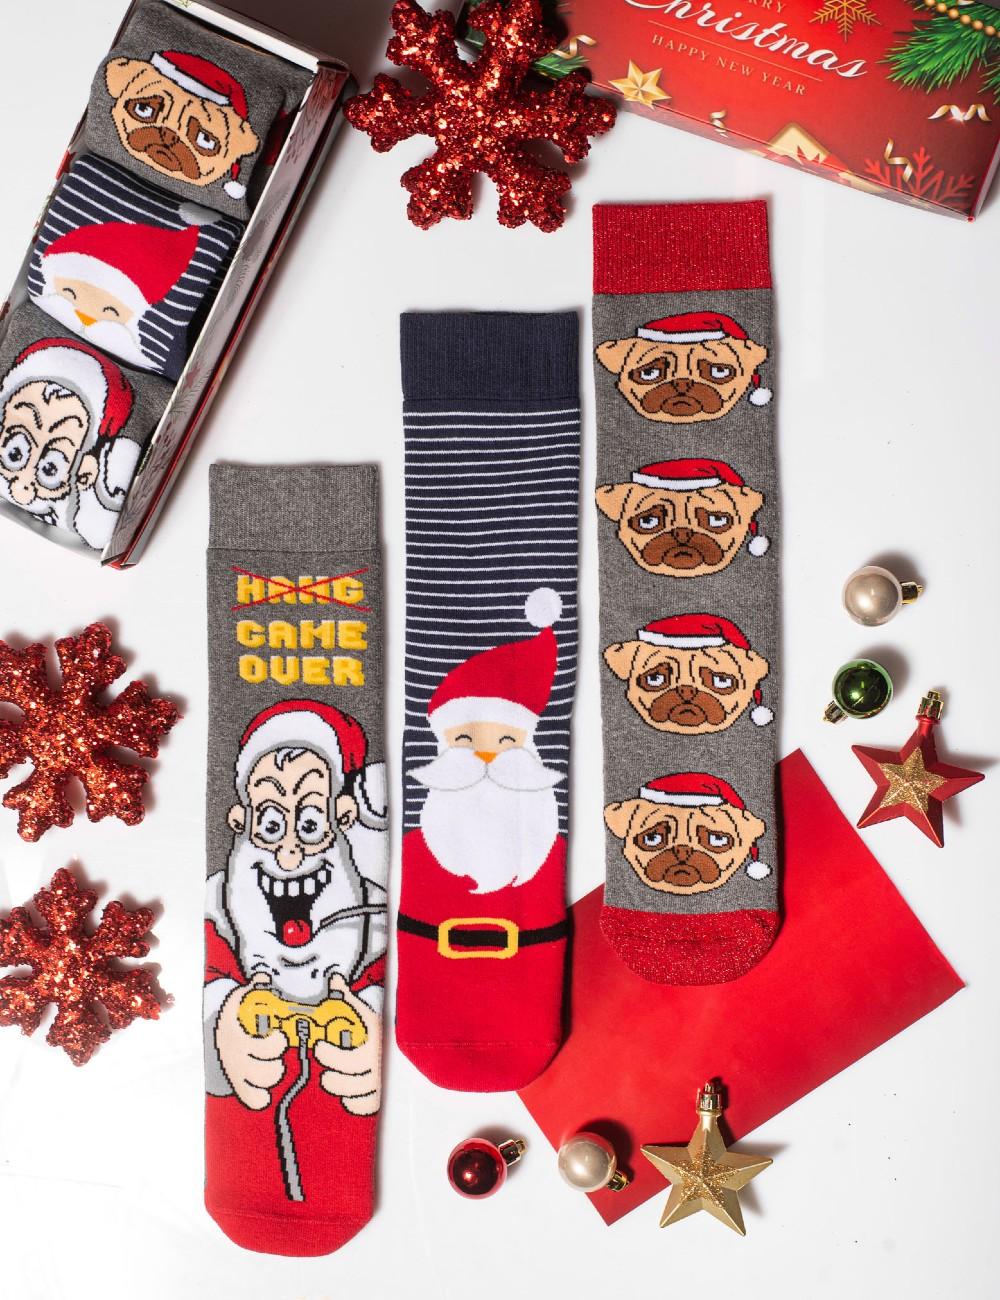 Κάλτσες Χριστουγεννιάτικες Play Time Vtexsocks Σετ 3 τμχ